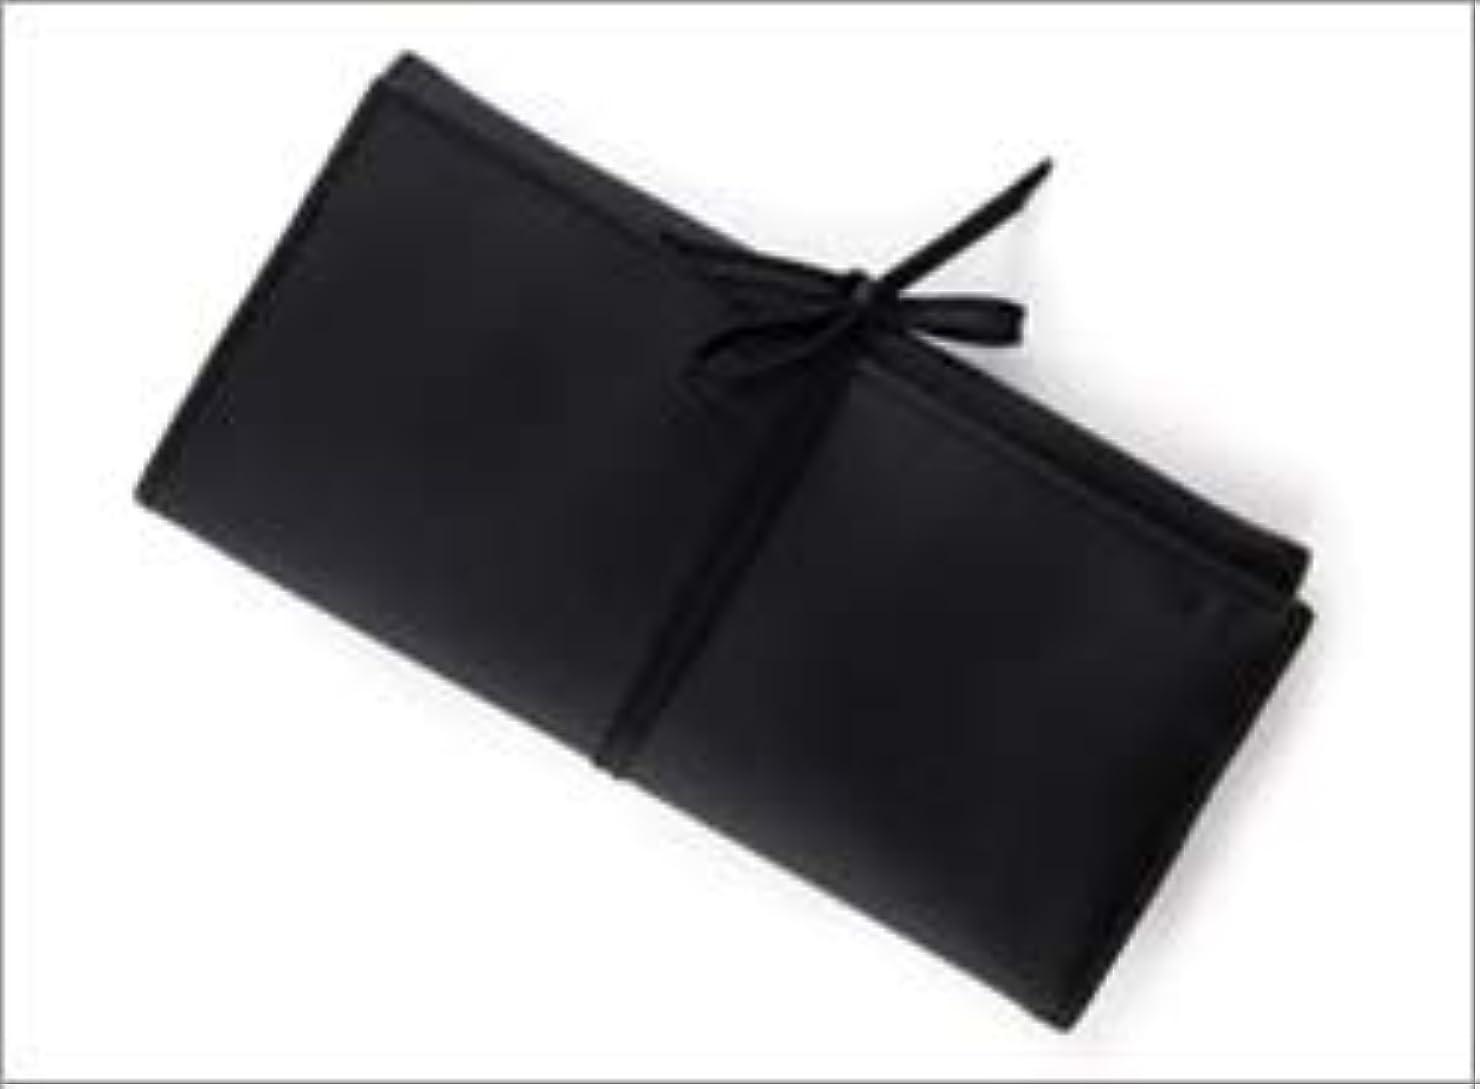 によるとフリッパー神秘熊野筆 竹宝堂 正規品 ブラシケース(化粧ポーチ) C-24 材質:ナイロン(三つ折り) 広島 化粧筆